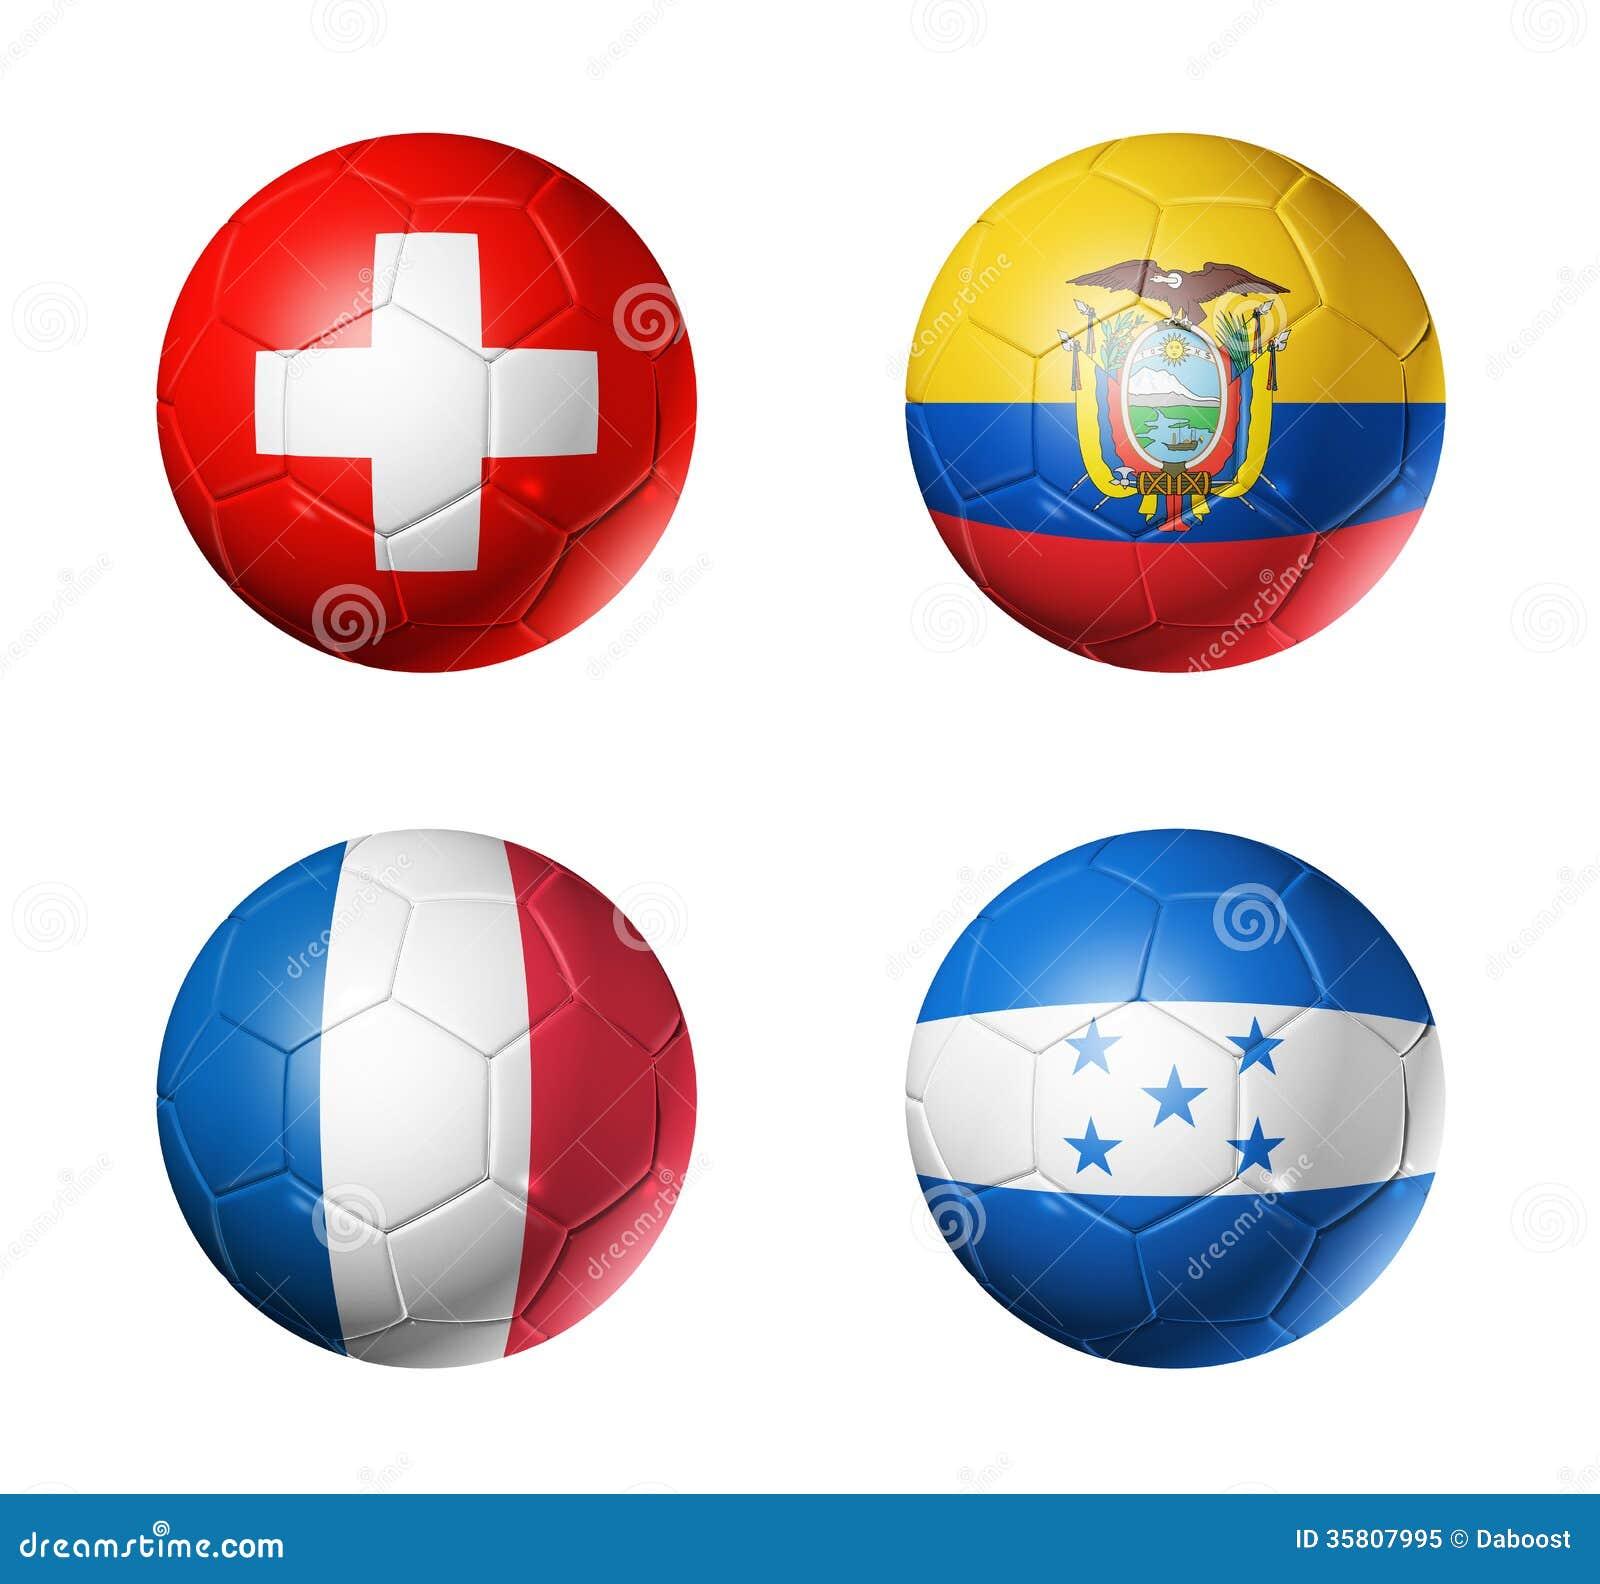 Coupe du monde du Brésil drapeaux de 2014 groupes E sur le ballon de football